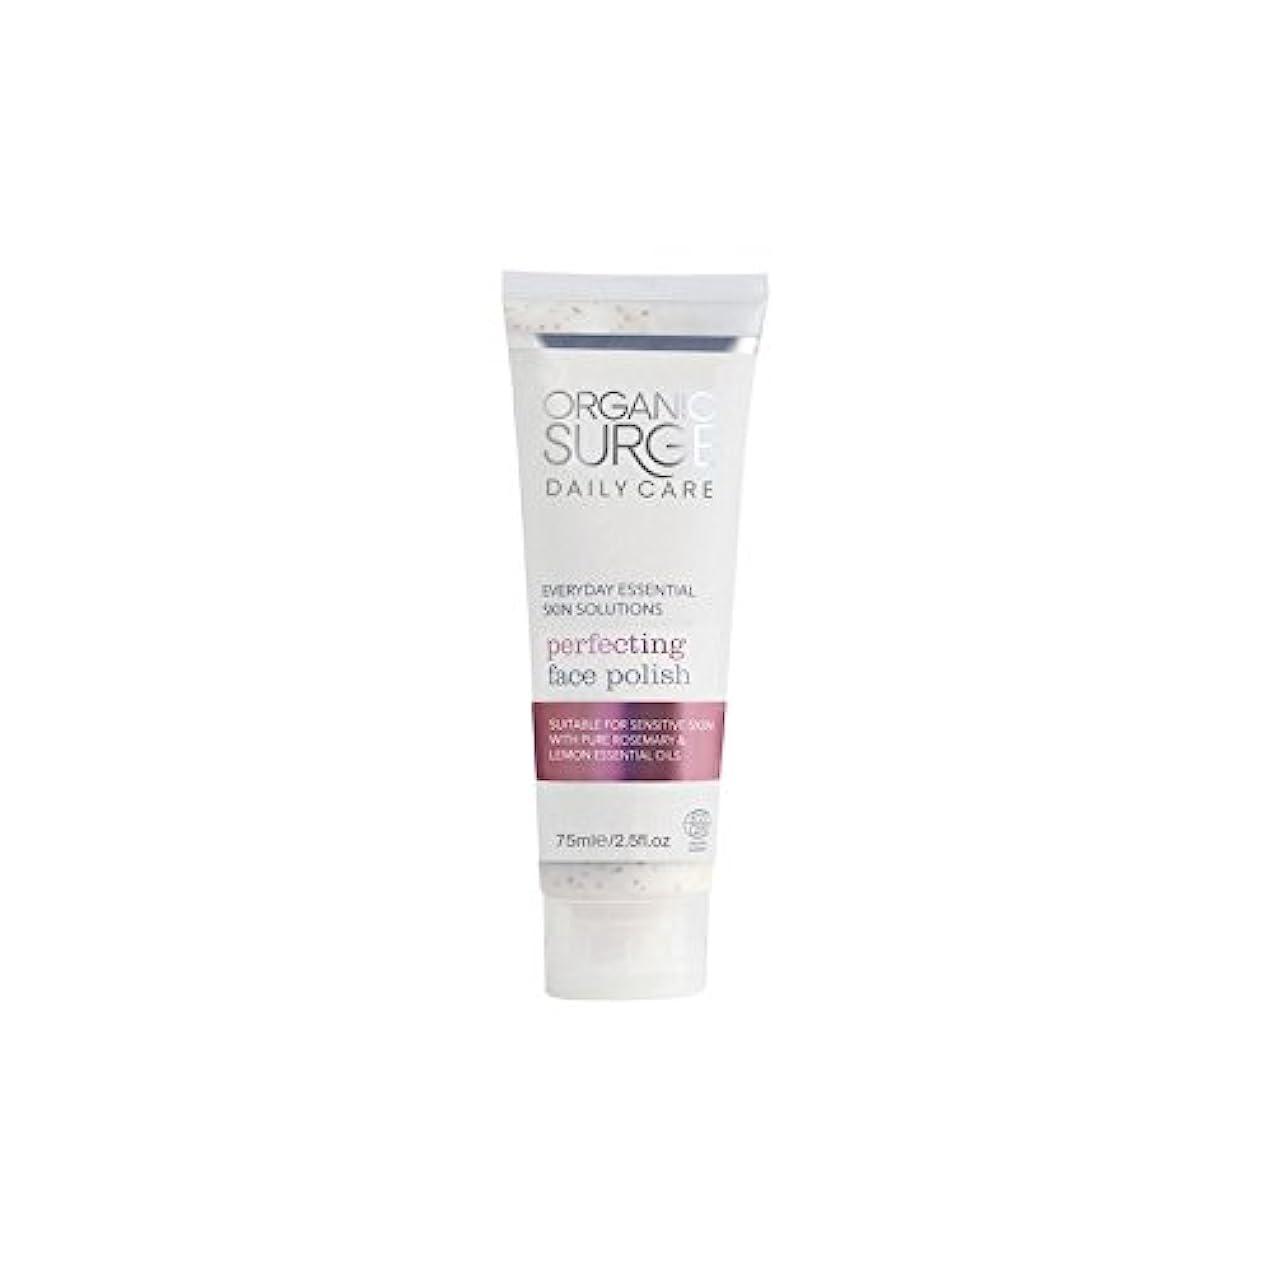 説得日の出飲食店Organic Surge Daily Care Perfecting Face Polish (75ml) (Pack of 6) - 面研磨を完成有機サージ毎日のケア(75ミリリットル) x6 [並行輸入品]